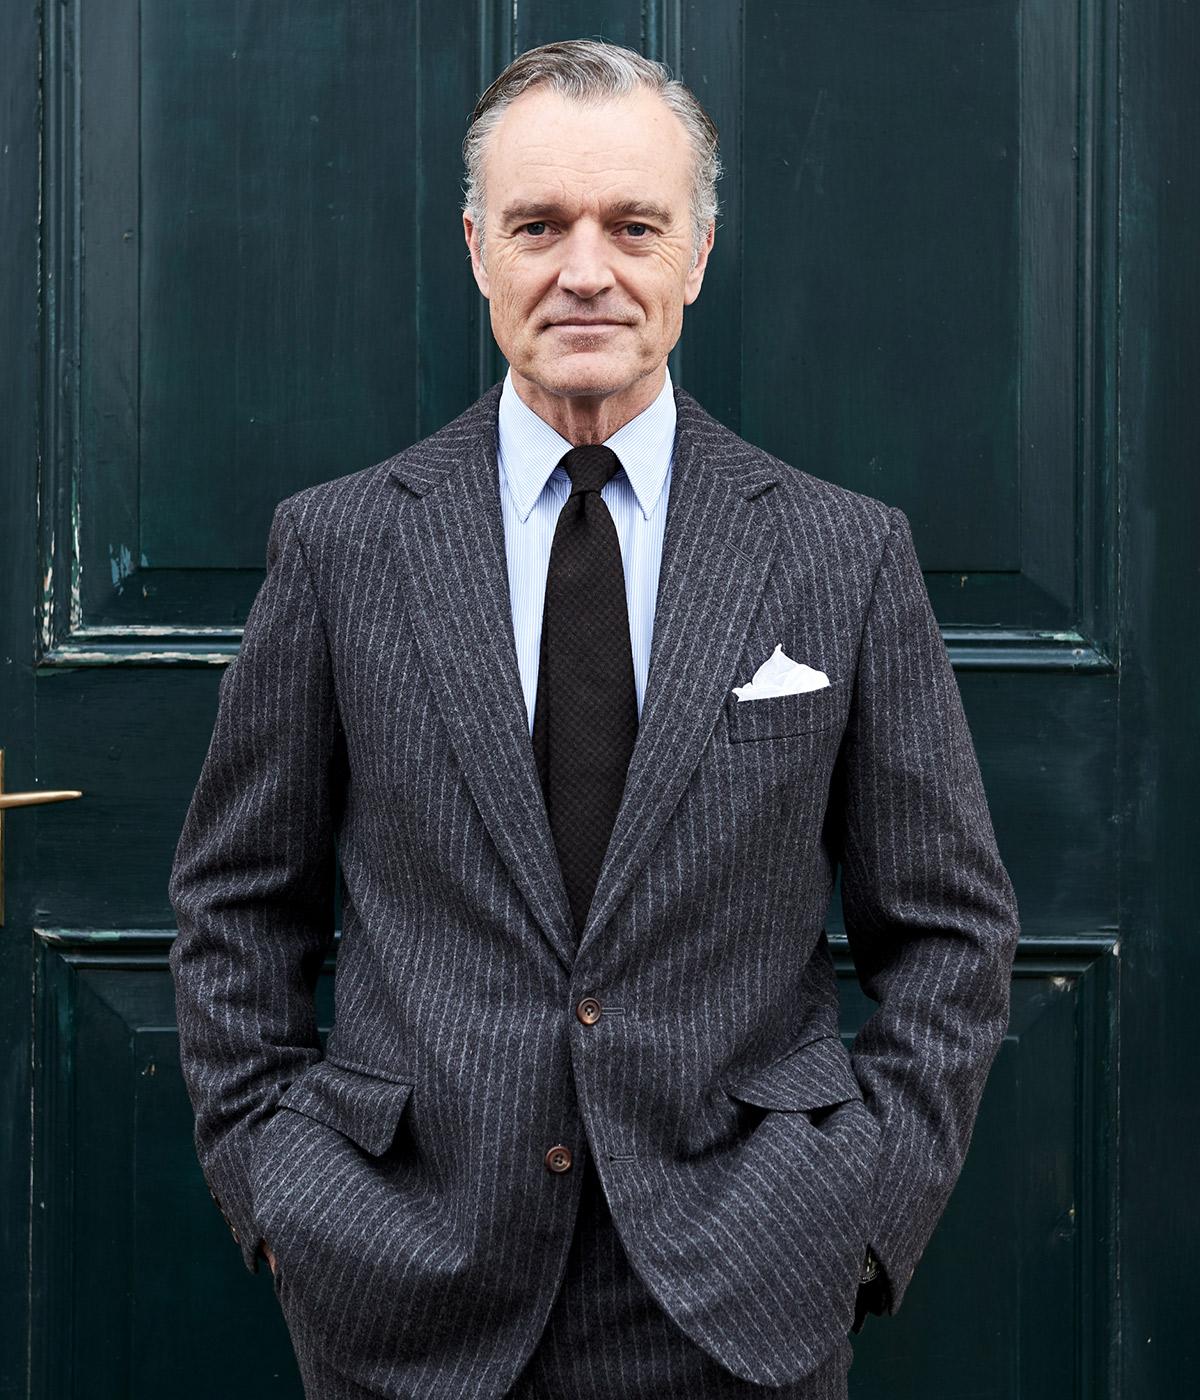 Douglas Cordeauxin Grey Suit